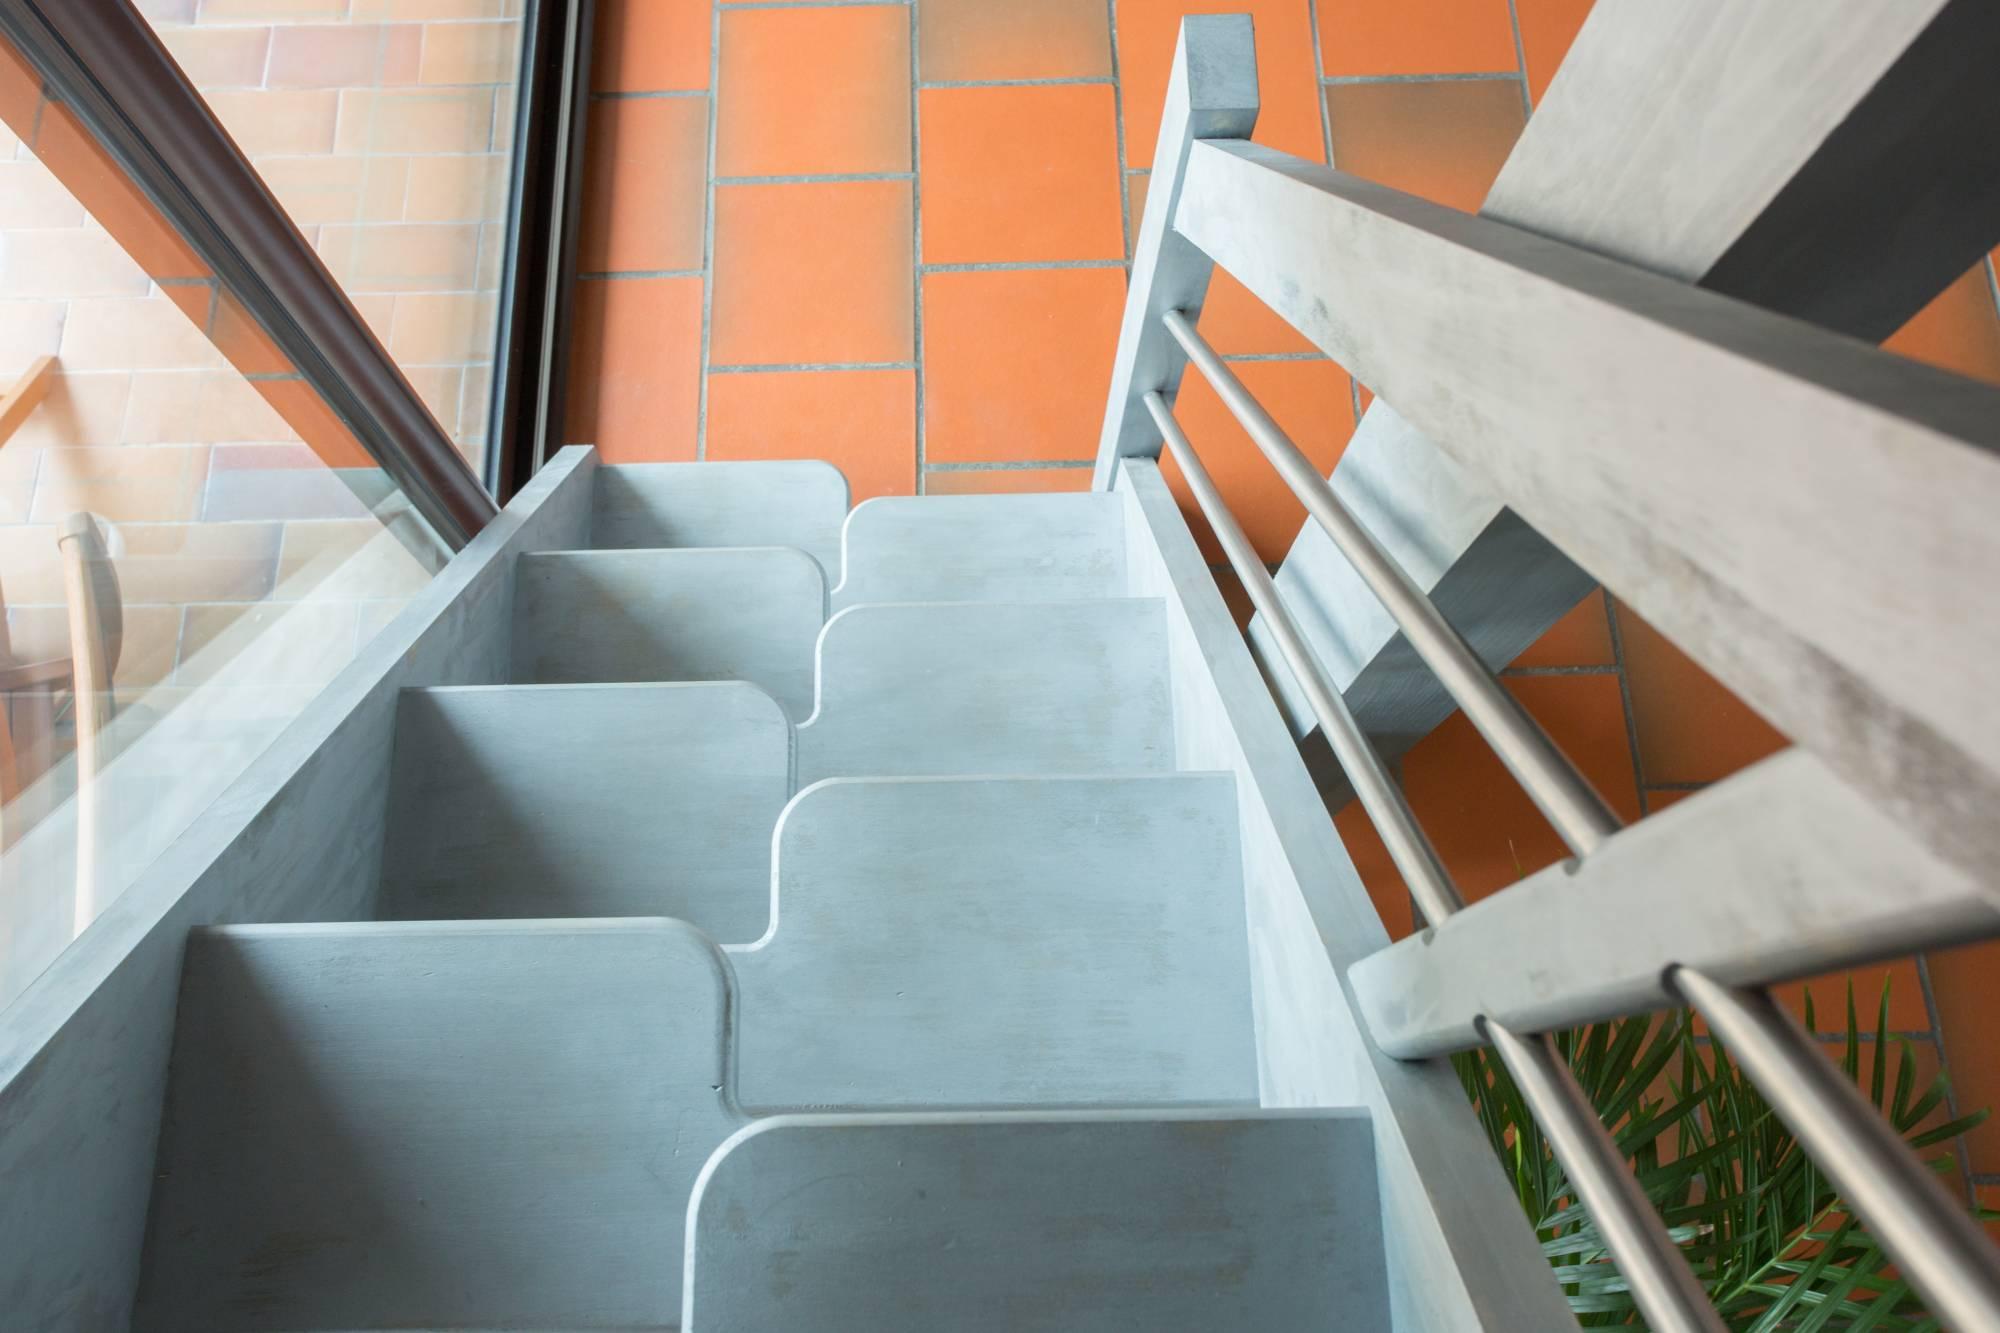 Aménagement Mezzanine Petit Espace escalier pour aménagement mezzanine petit espace en région